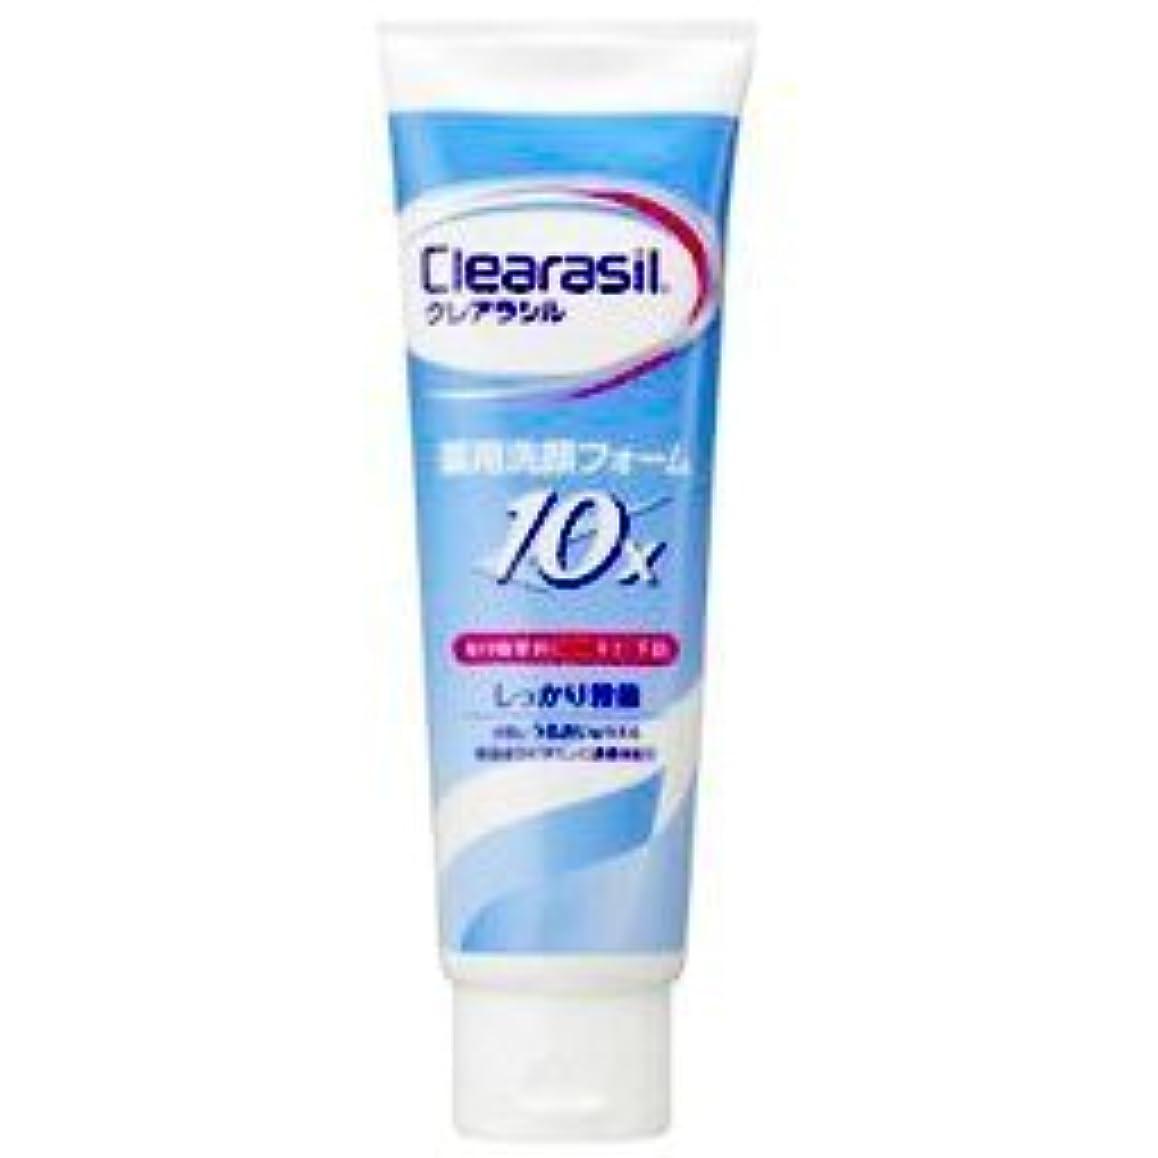 音楽アッパーブレーキクレアラシル薬用洗顔フォーム10x ×2セット